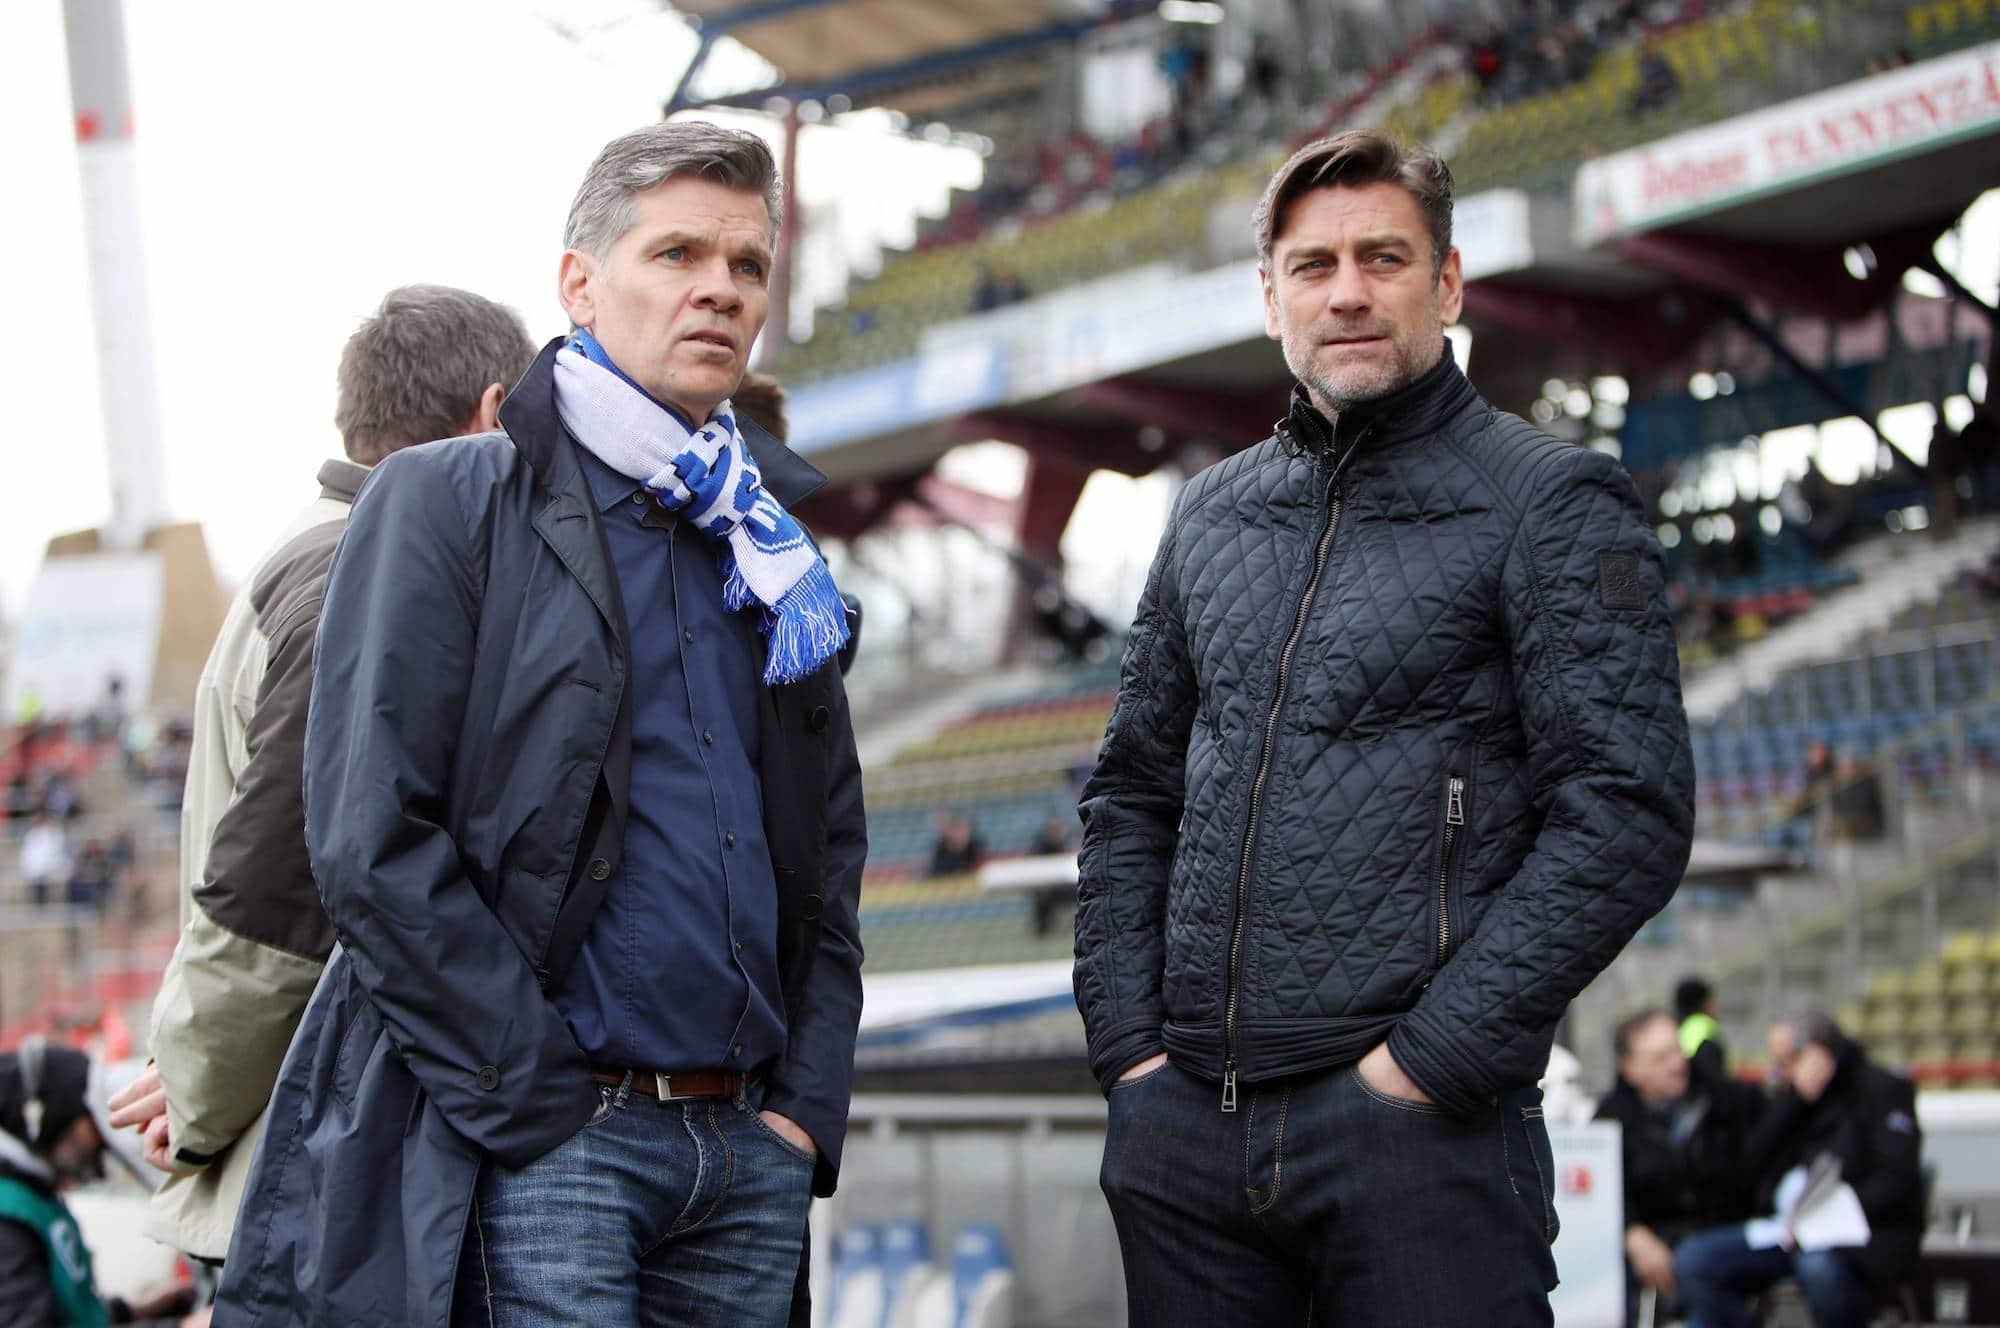 Karlsruher SC - Hannover 96 Deutschland, Karlsruhe, 04.03.2017, Fussball, 2. Bundesliga, Saison 2016/2017, 23. Spieltag, Karl